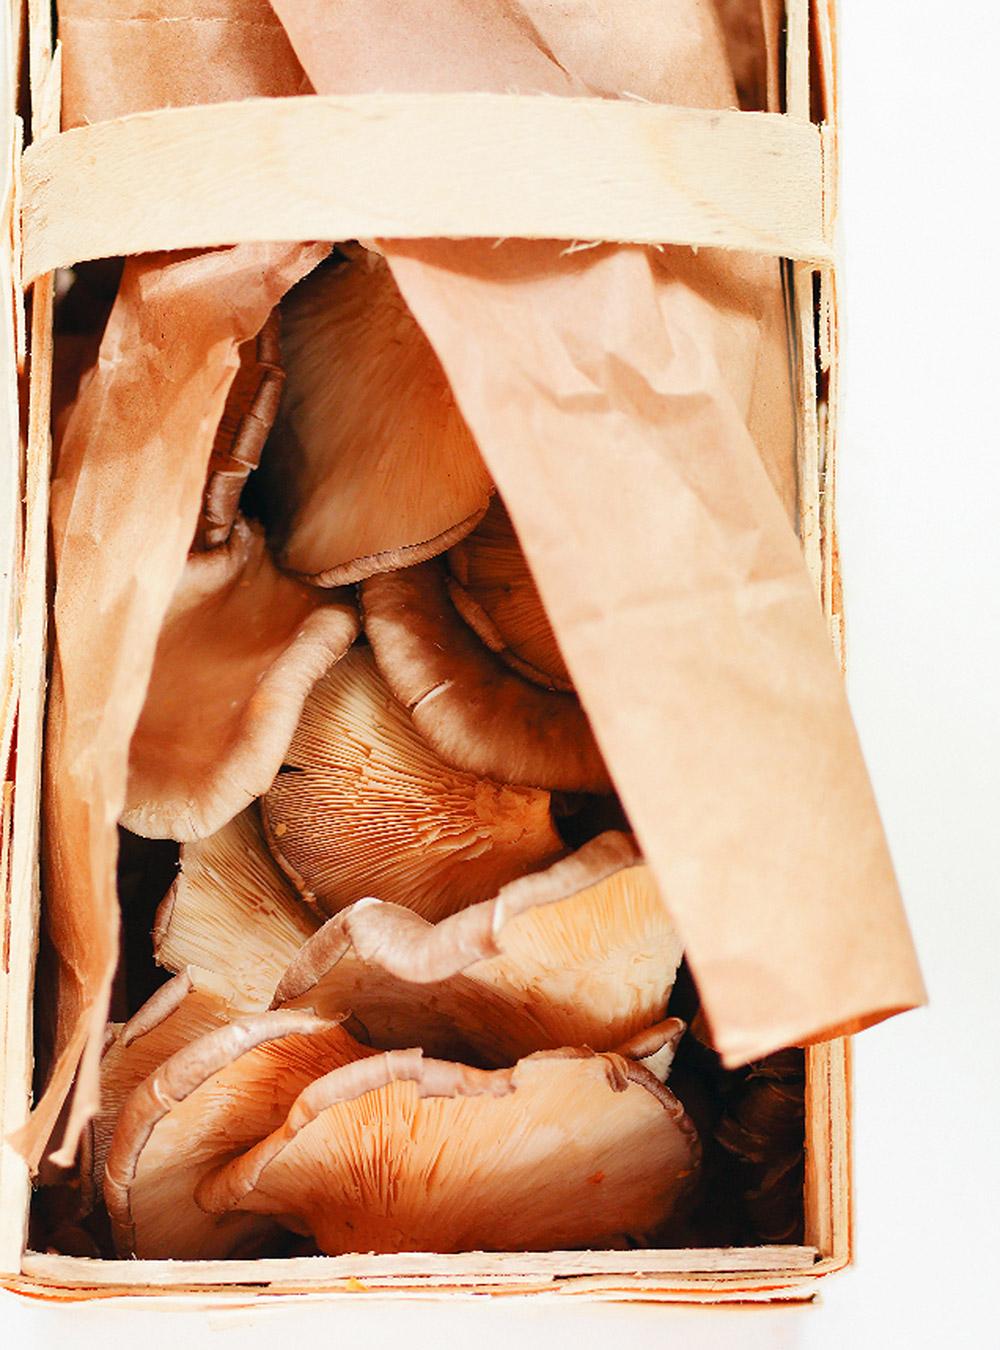 Filets de doré, sauce aux champignons | ricardo